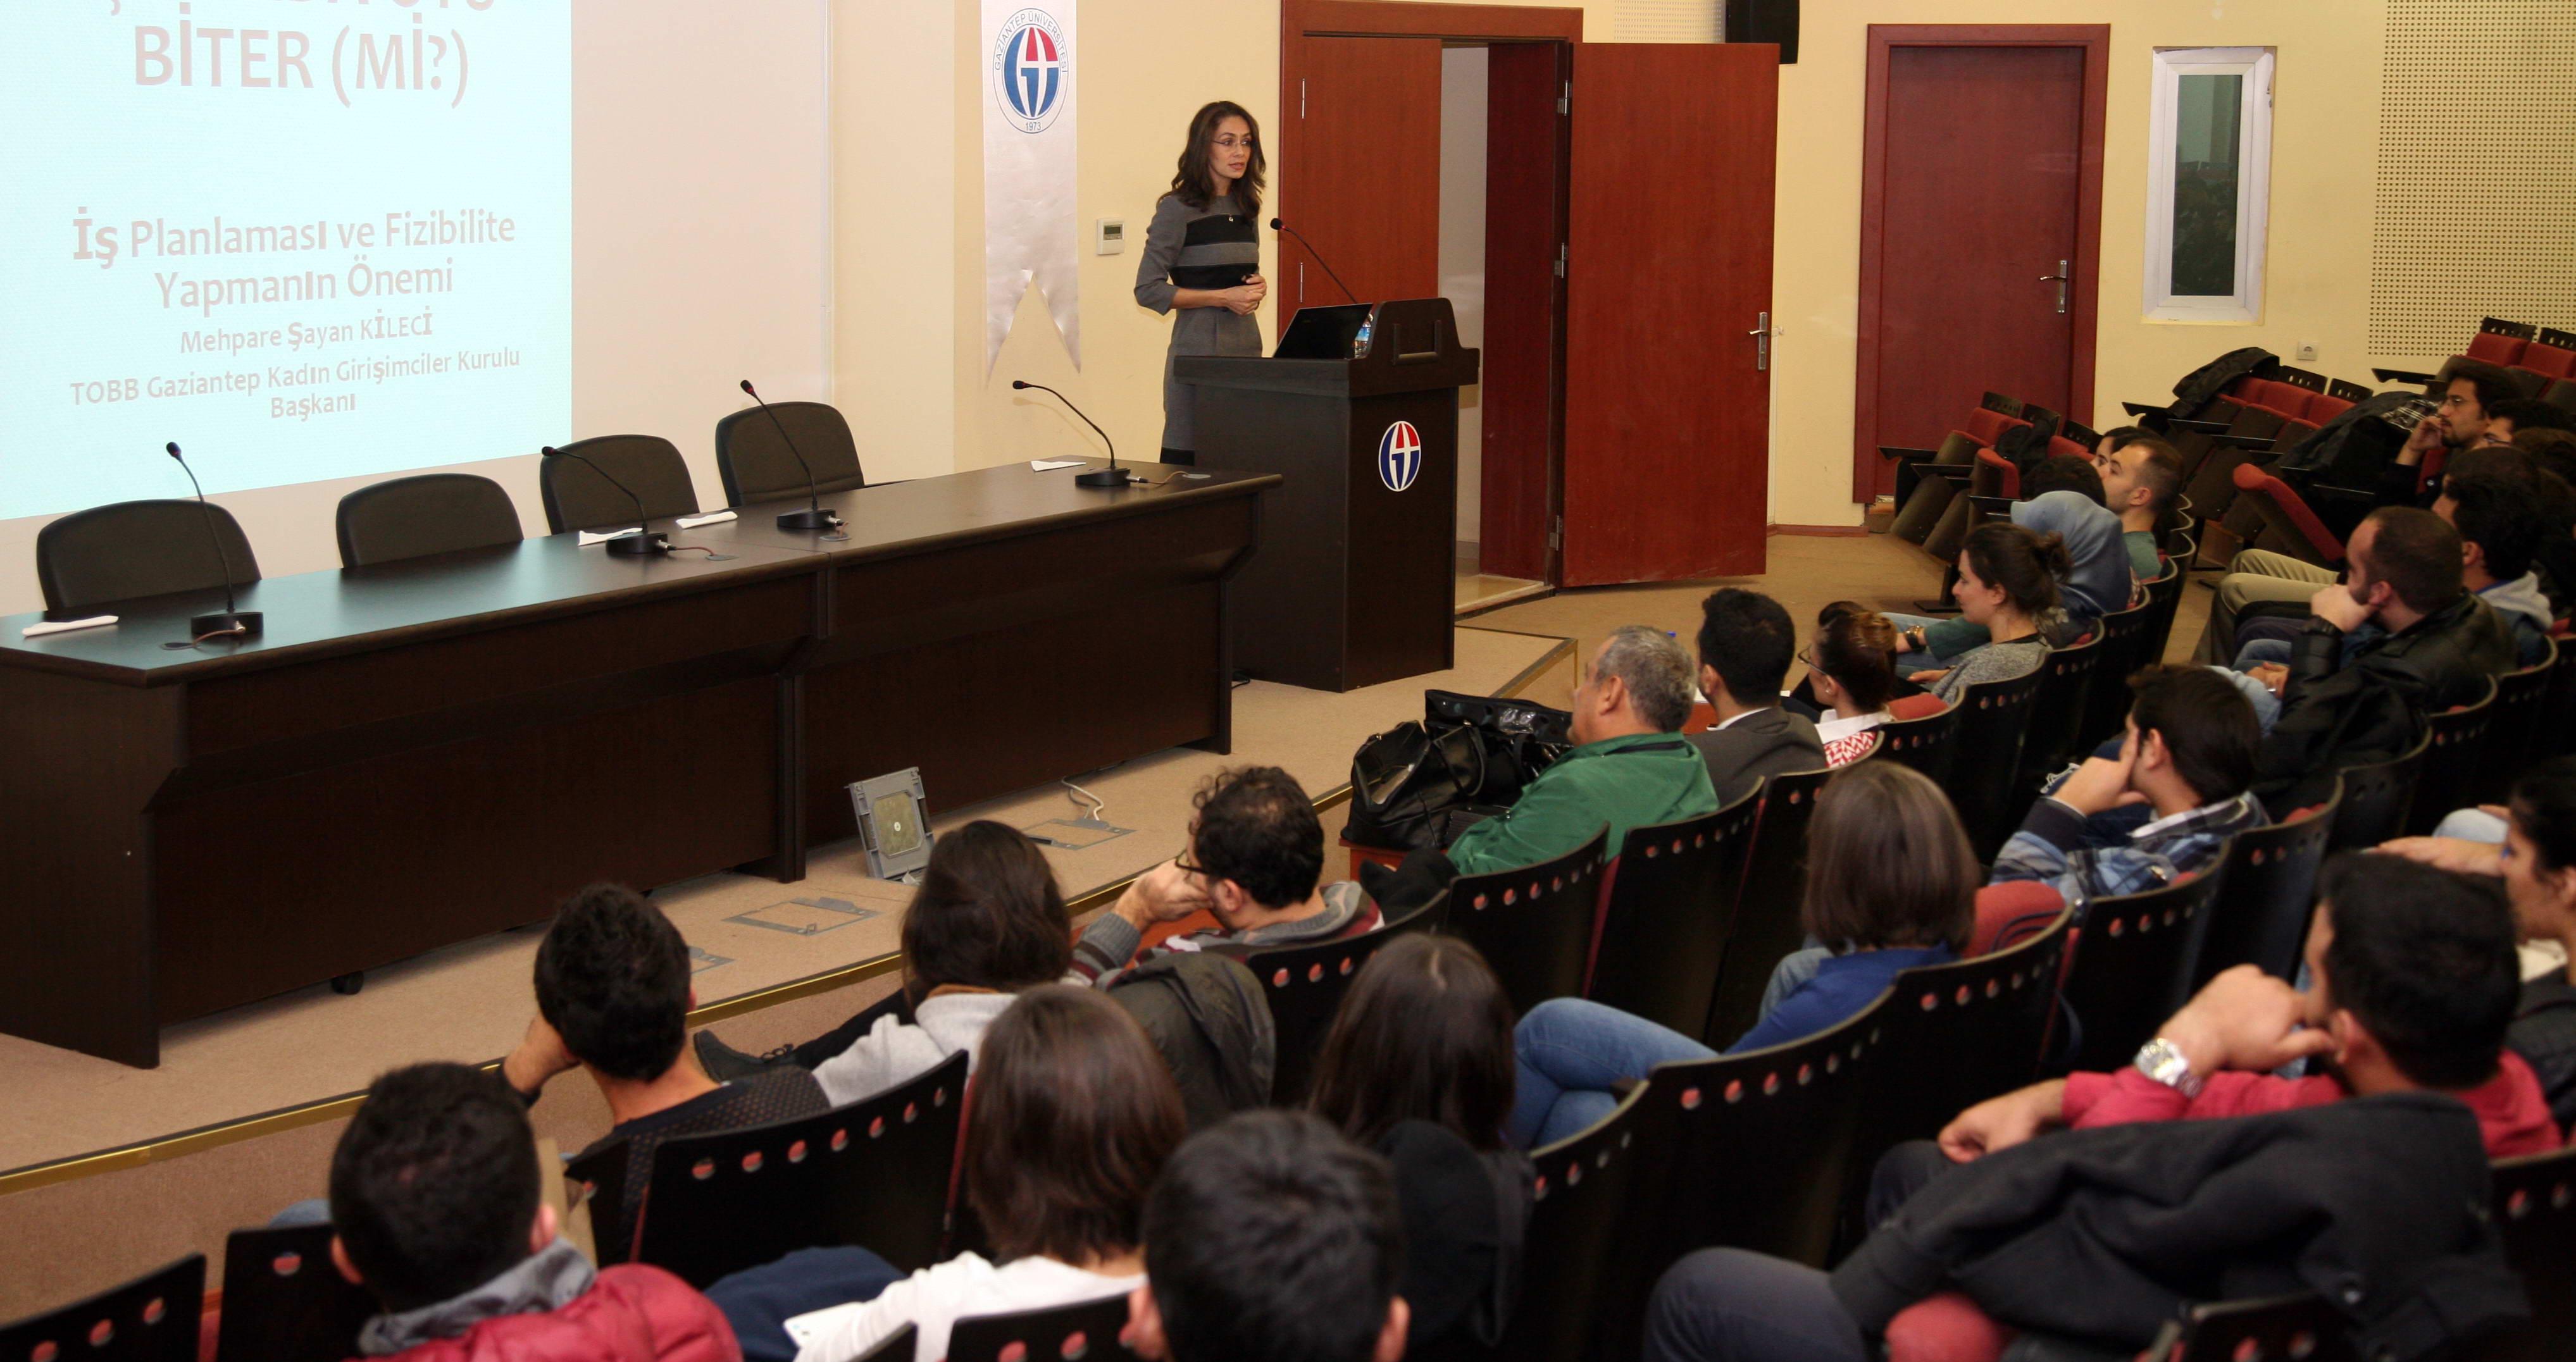 Öğrencileri Girişimcilik Hayallerini Anlattı (2)